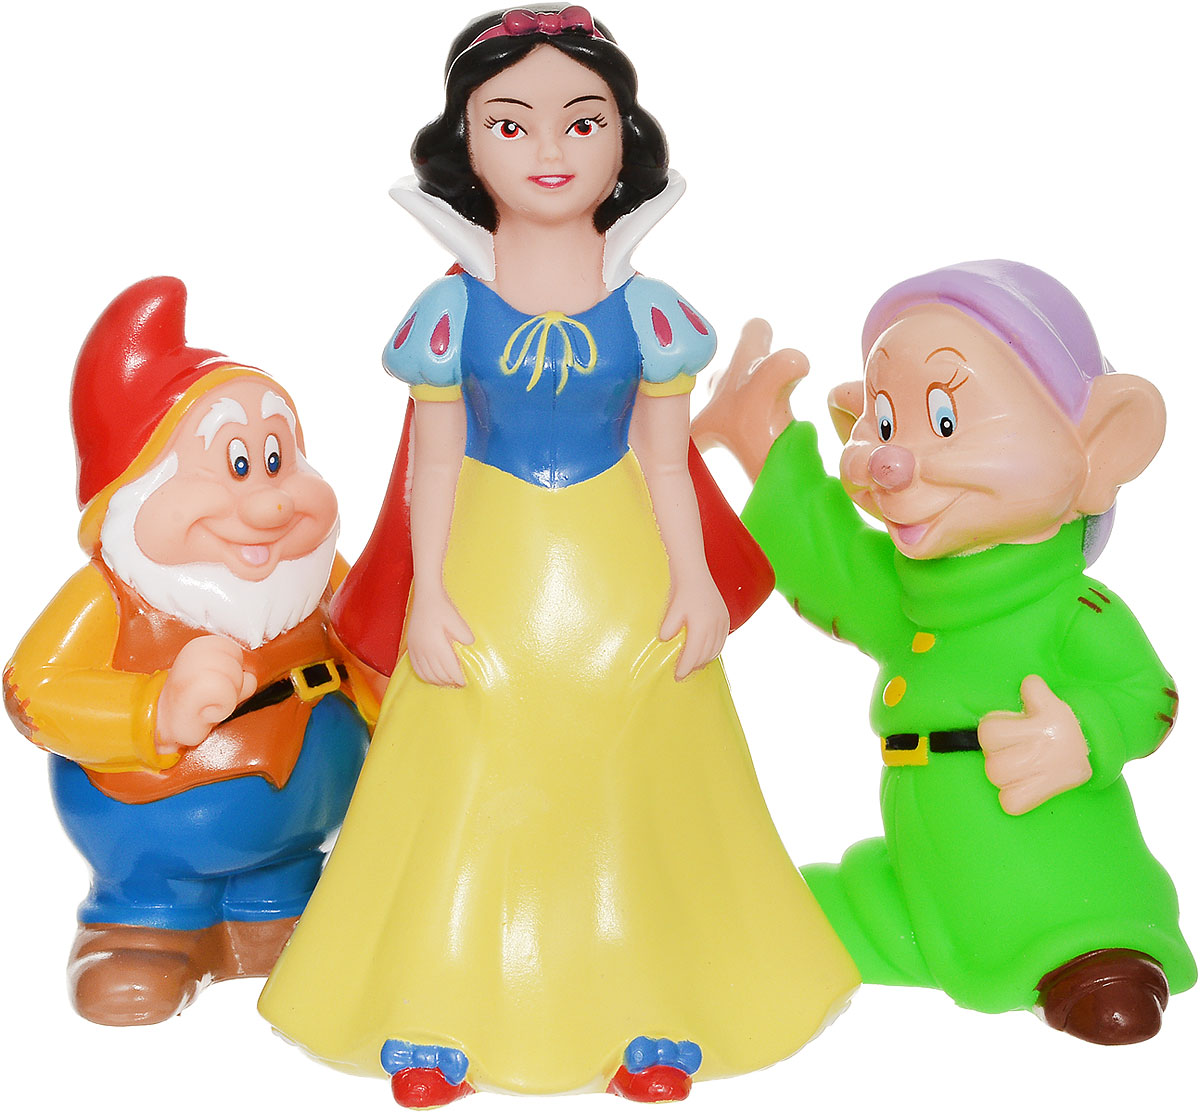 Играем вместе Набор игрушек для ванной Белоснежка и гномы 3 шт играем вместе набор игрушек для ванной белоснежка и гномы 3 шт